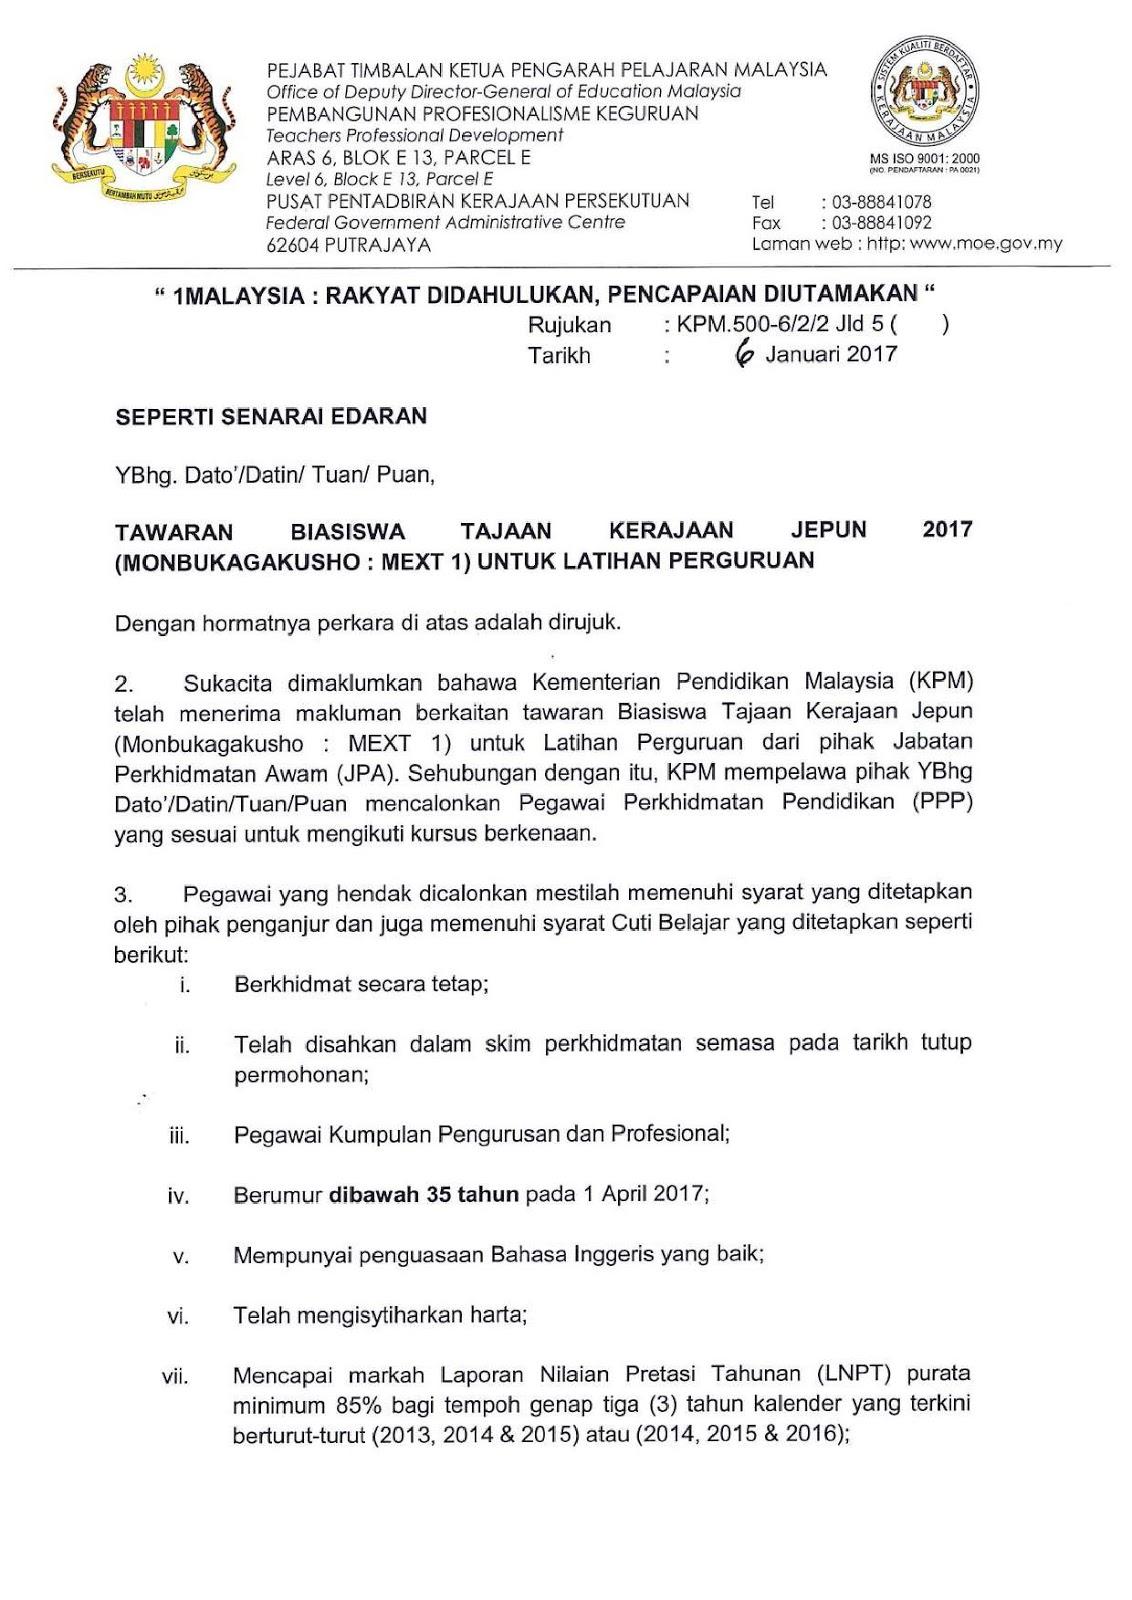 Surat Permohonan Biasiswa Jpa Lamaran H